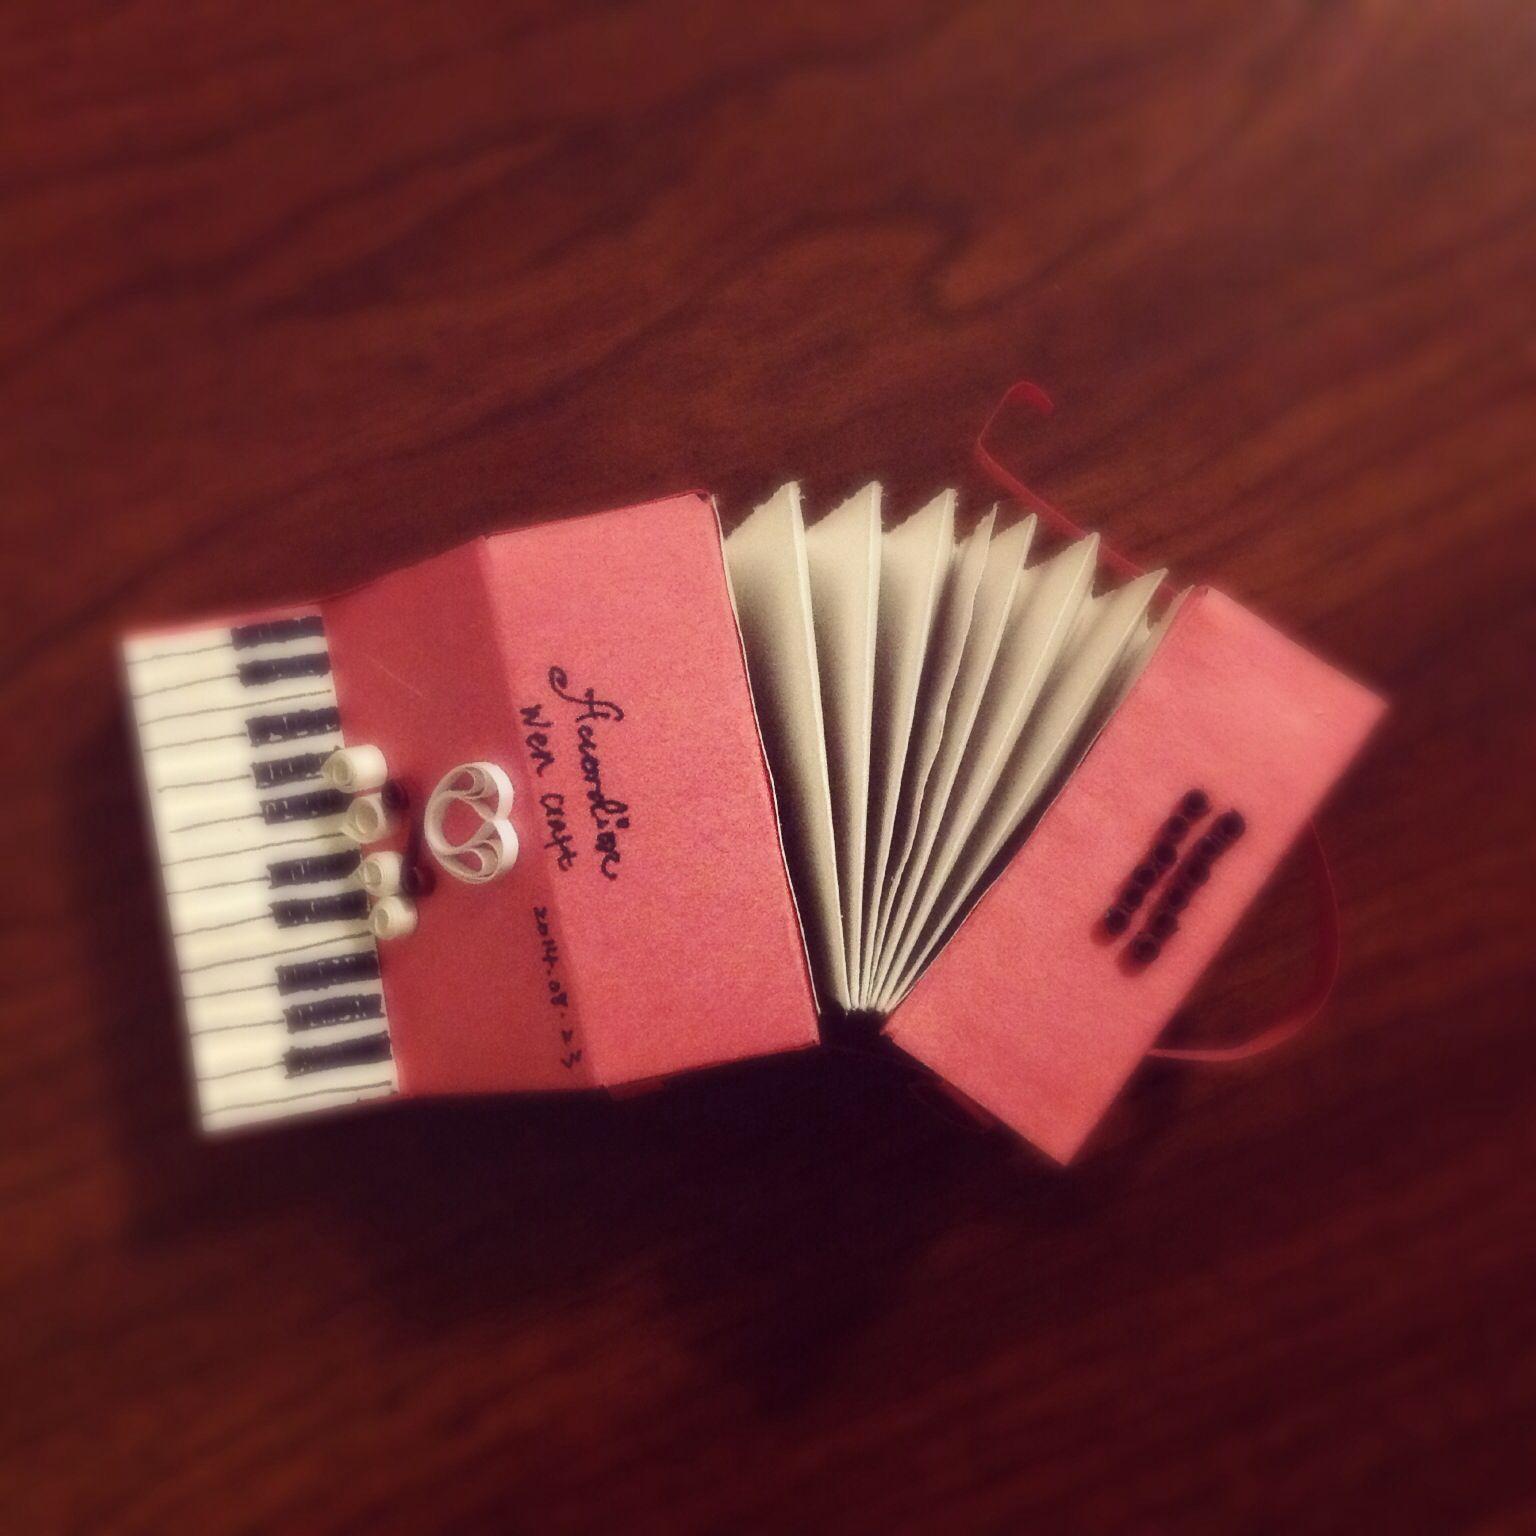 My handmade accordion. #handmade #paperart  #accordion  #DIY #music